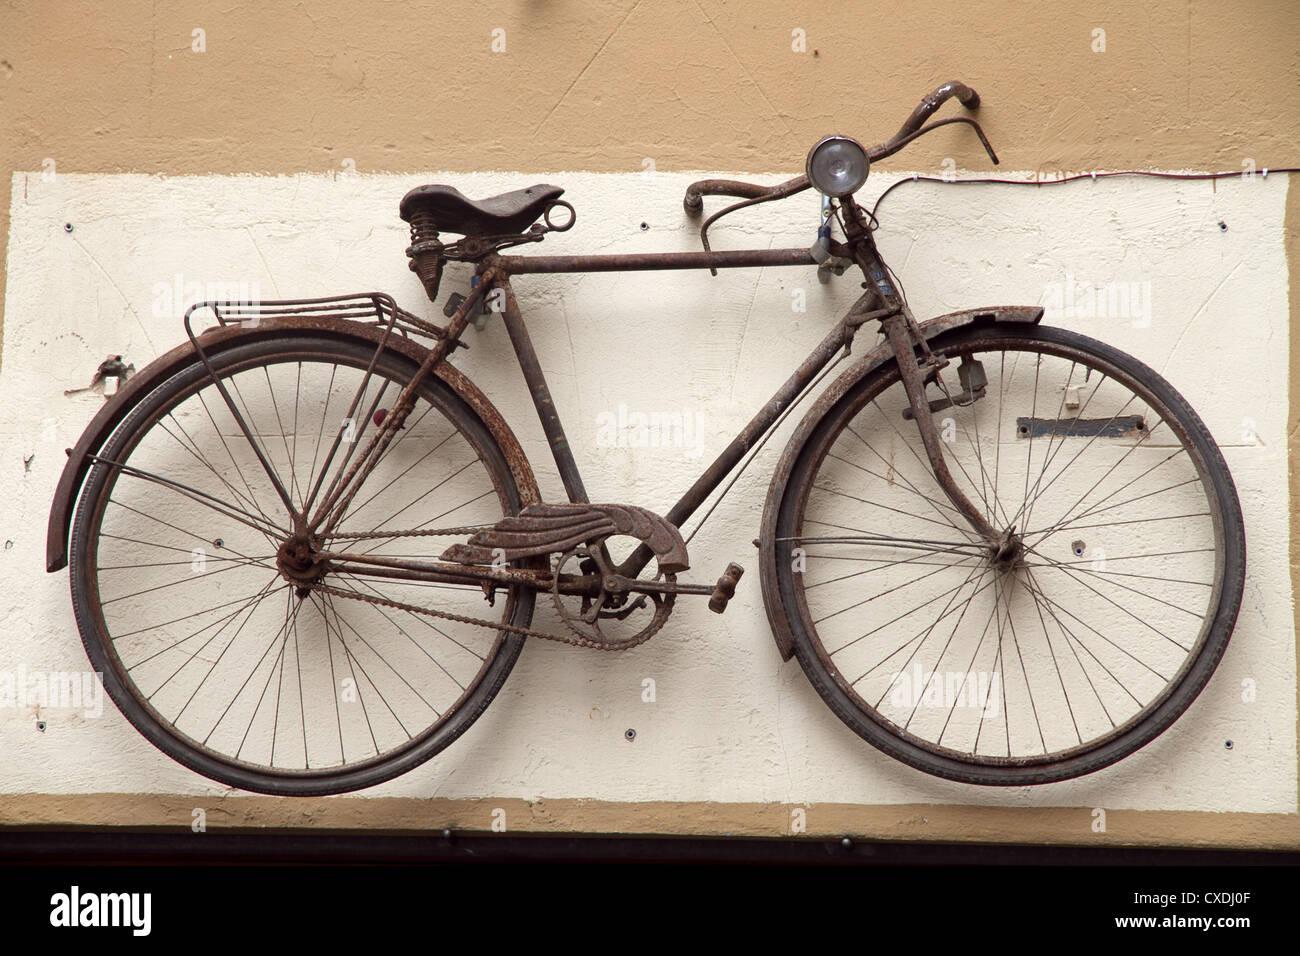 Oldtimer Fahrrad Hangen An Der Wand Auf Die Reparatur Werkstatt Shop